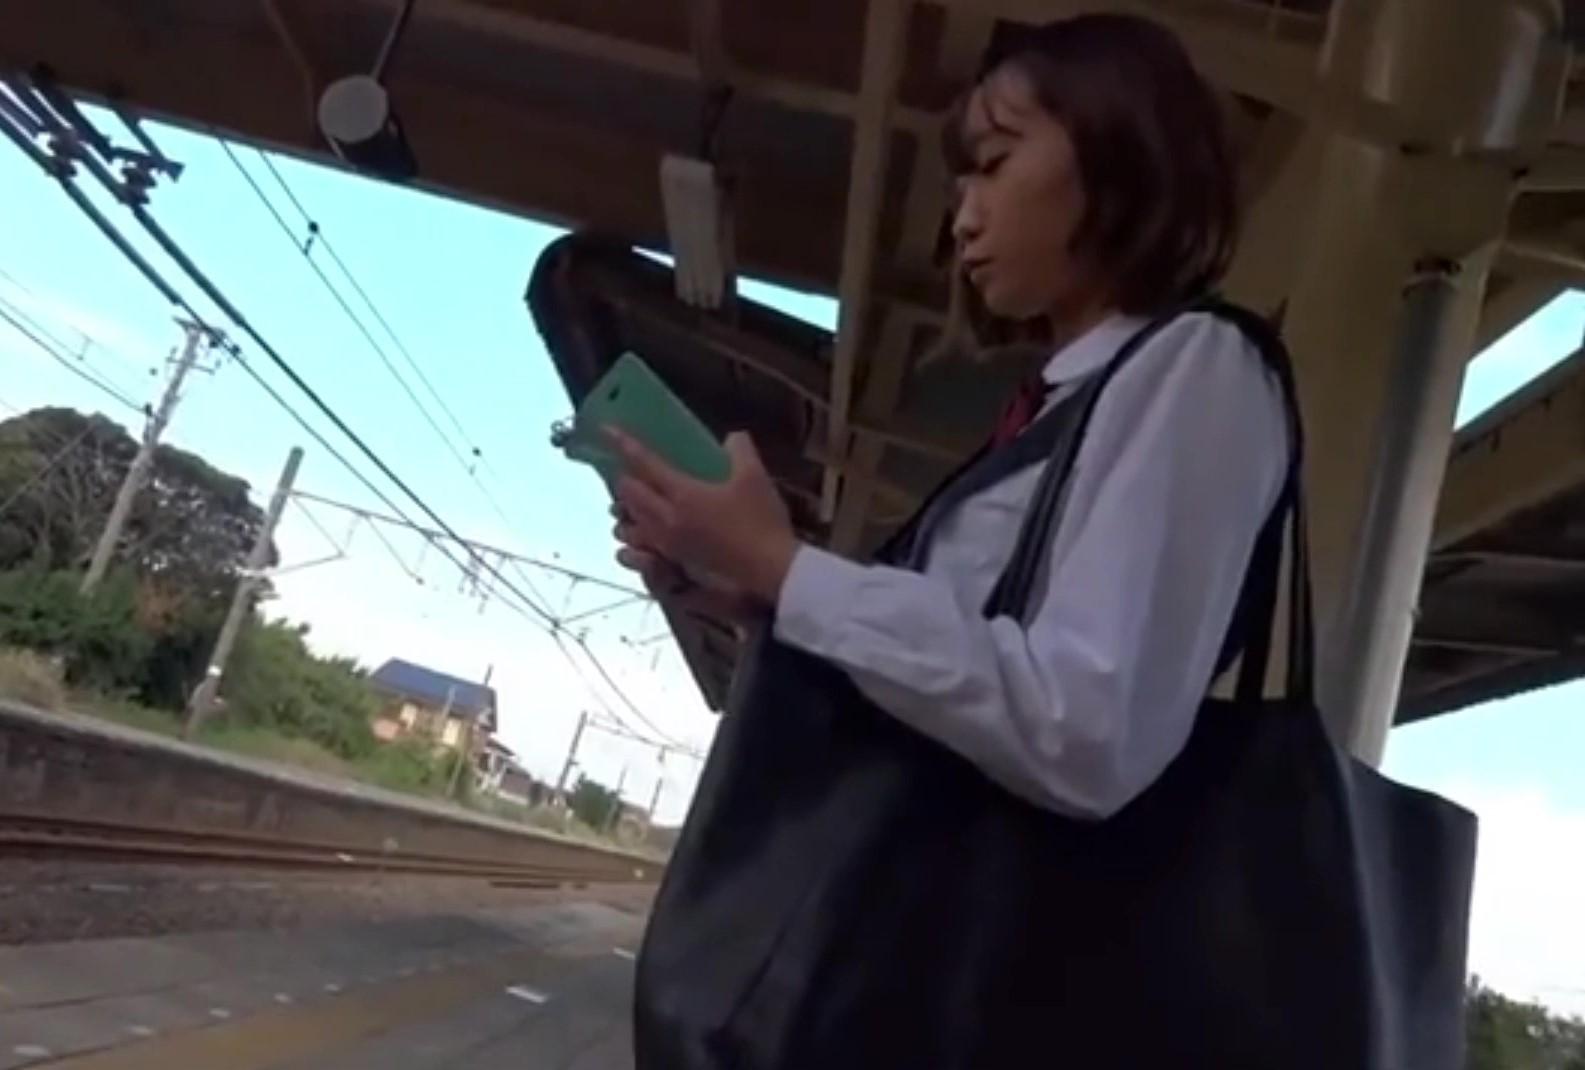 田舎の駅で電車を待つ美少女JK。髪は染めててもグ〇ゼみたいな白パンツで大興奮の盗撮魔